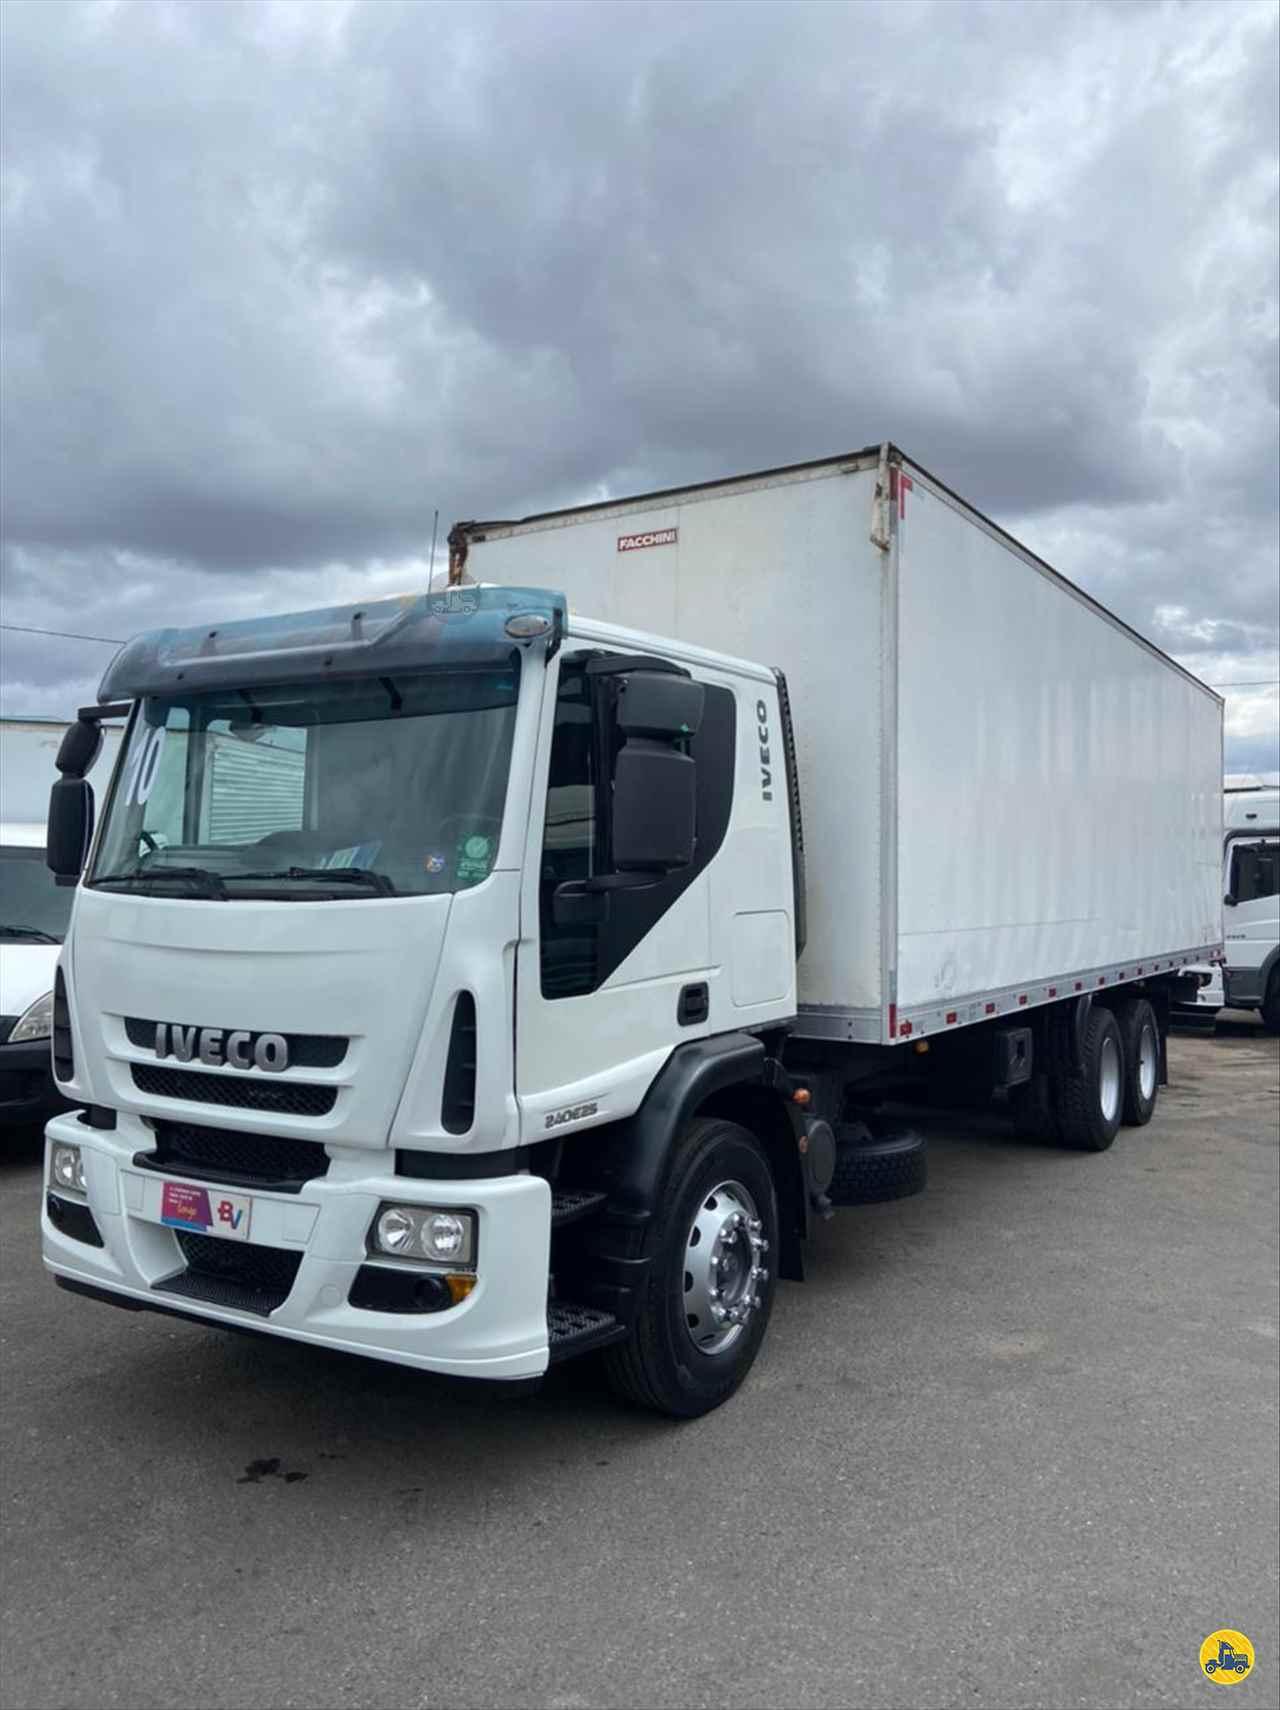 CAMINHAO IVECO TECTOR 240E25 Chassis Truck 6x2 Gegê Caminhões CONTAGEM MINAS GERAIS MG